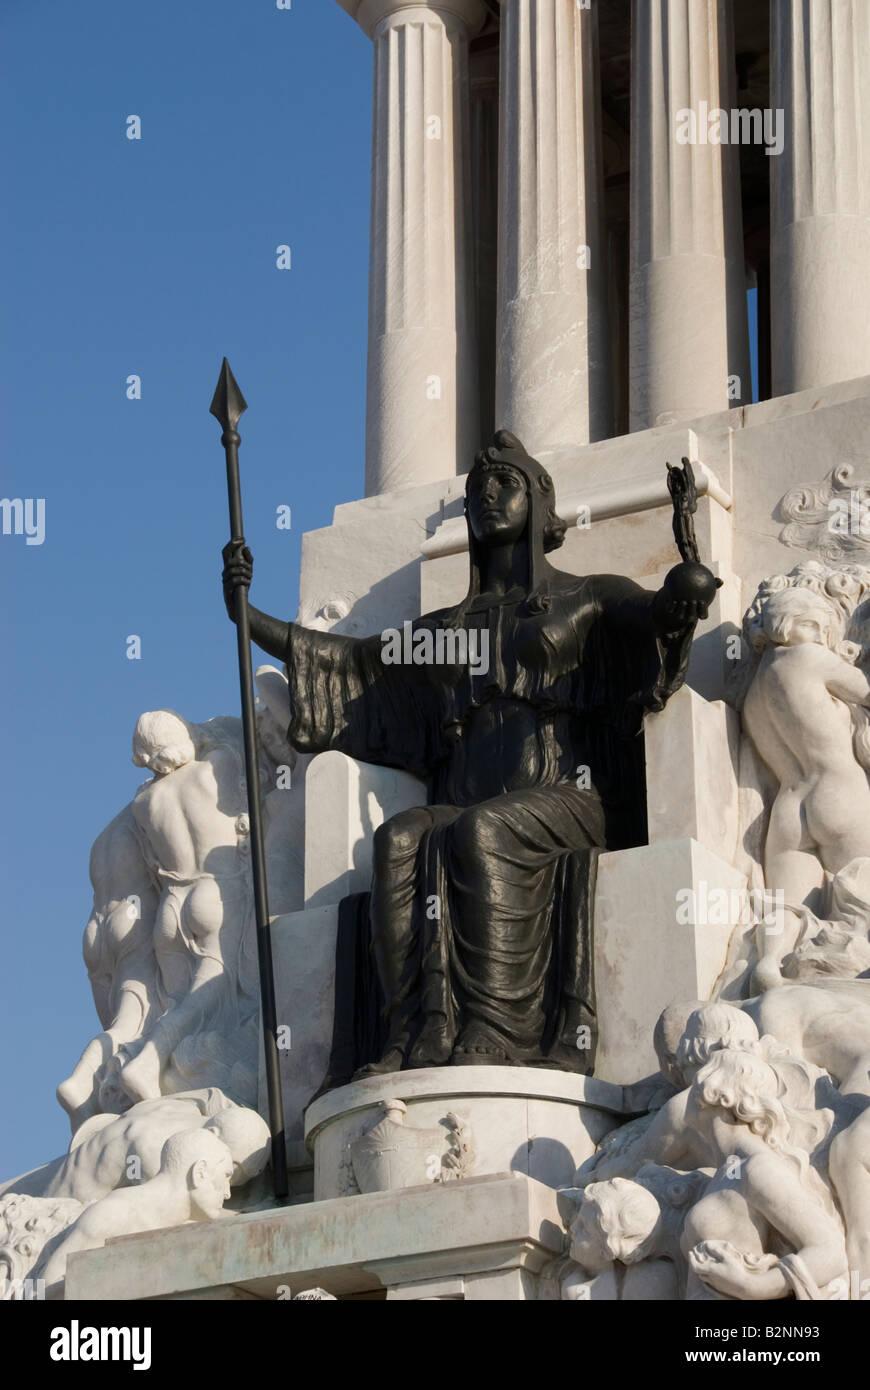 Dettaglio di una figura femminile su un Art Deco statua del coloniale Monumento a Maximo Gomez a La Habana Vieja Immagini Stock